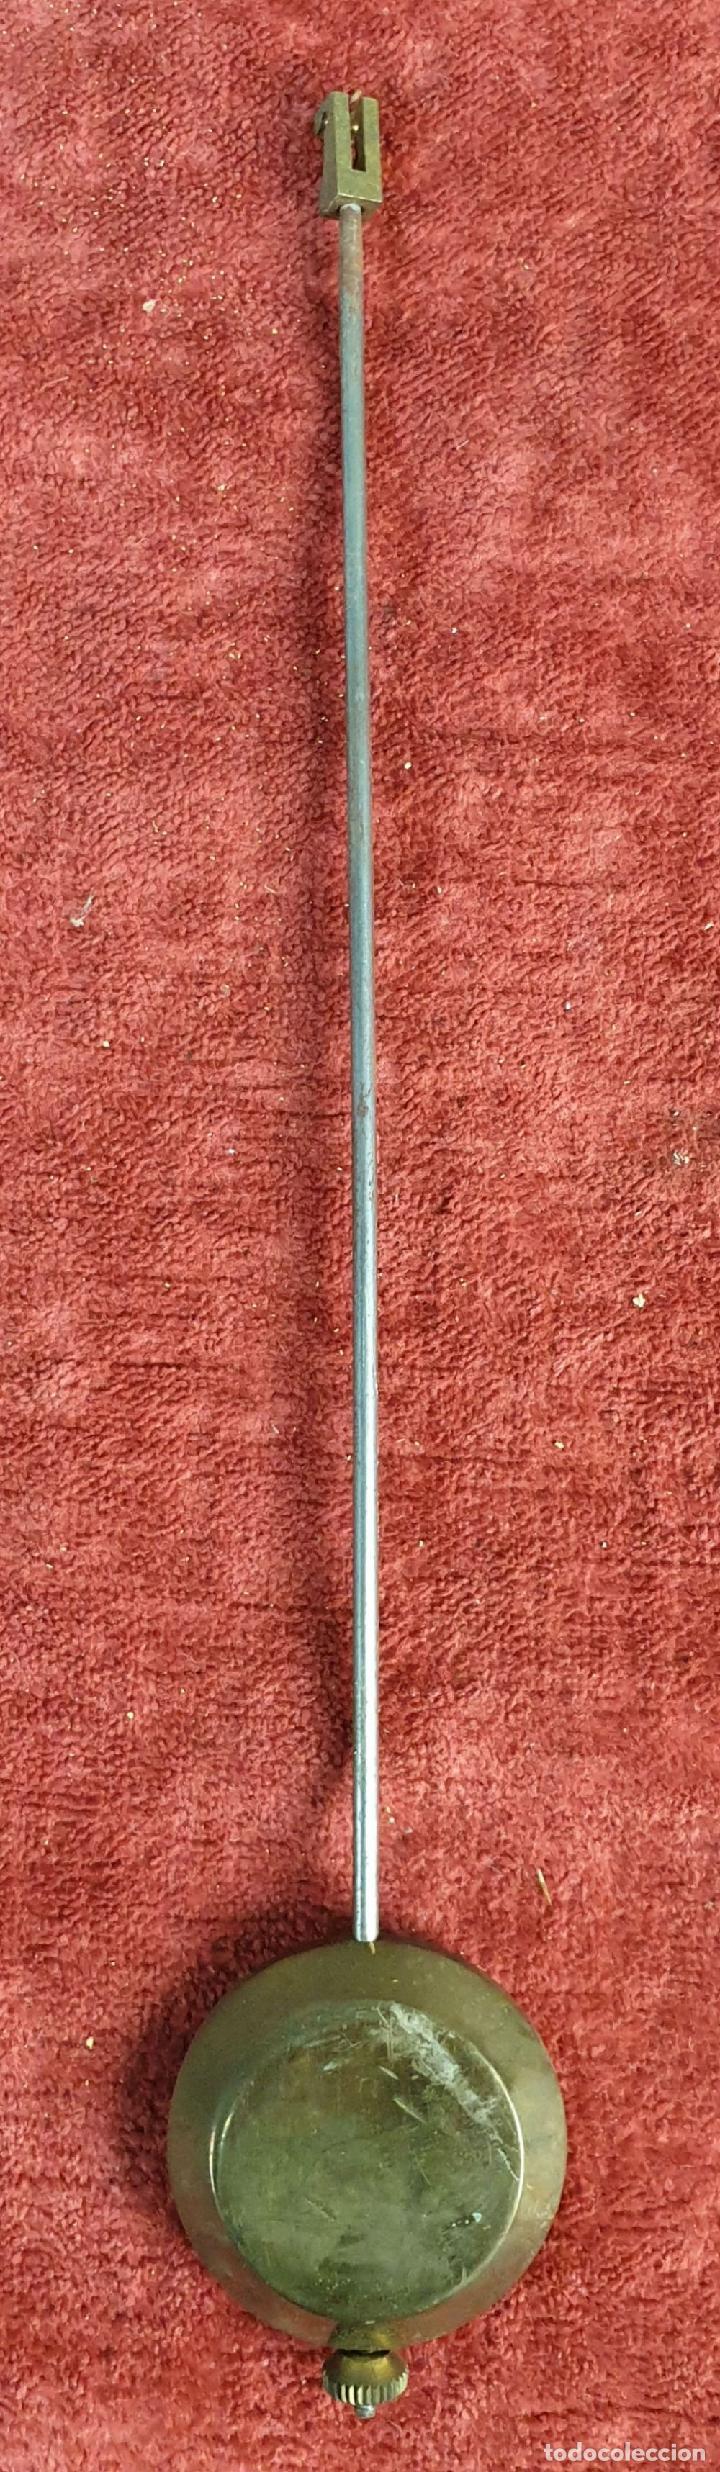 Relojes de pared: RELOJ ESTILO ISABELINO. MAQUINARIA FRANCESA. ESFERA DE ALABASTRO. SIGLO XIX. - Foto 12 - 186319543